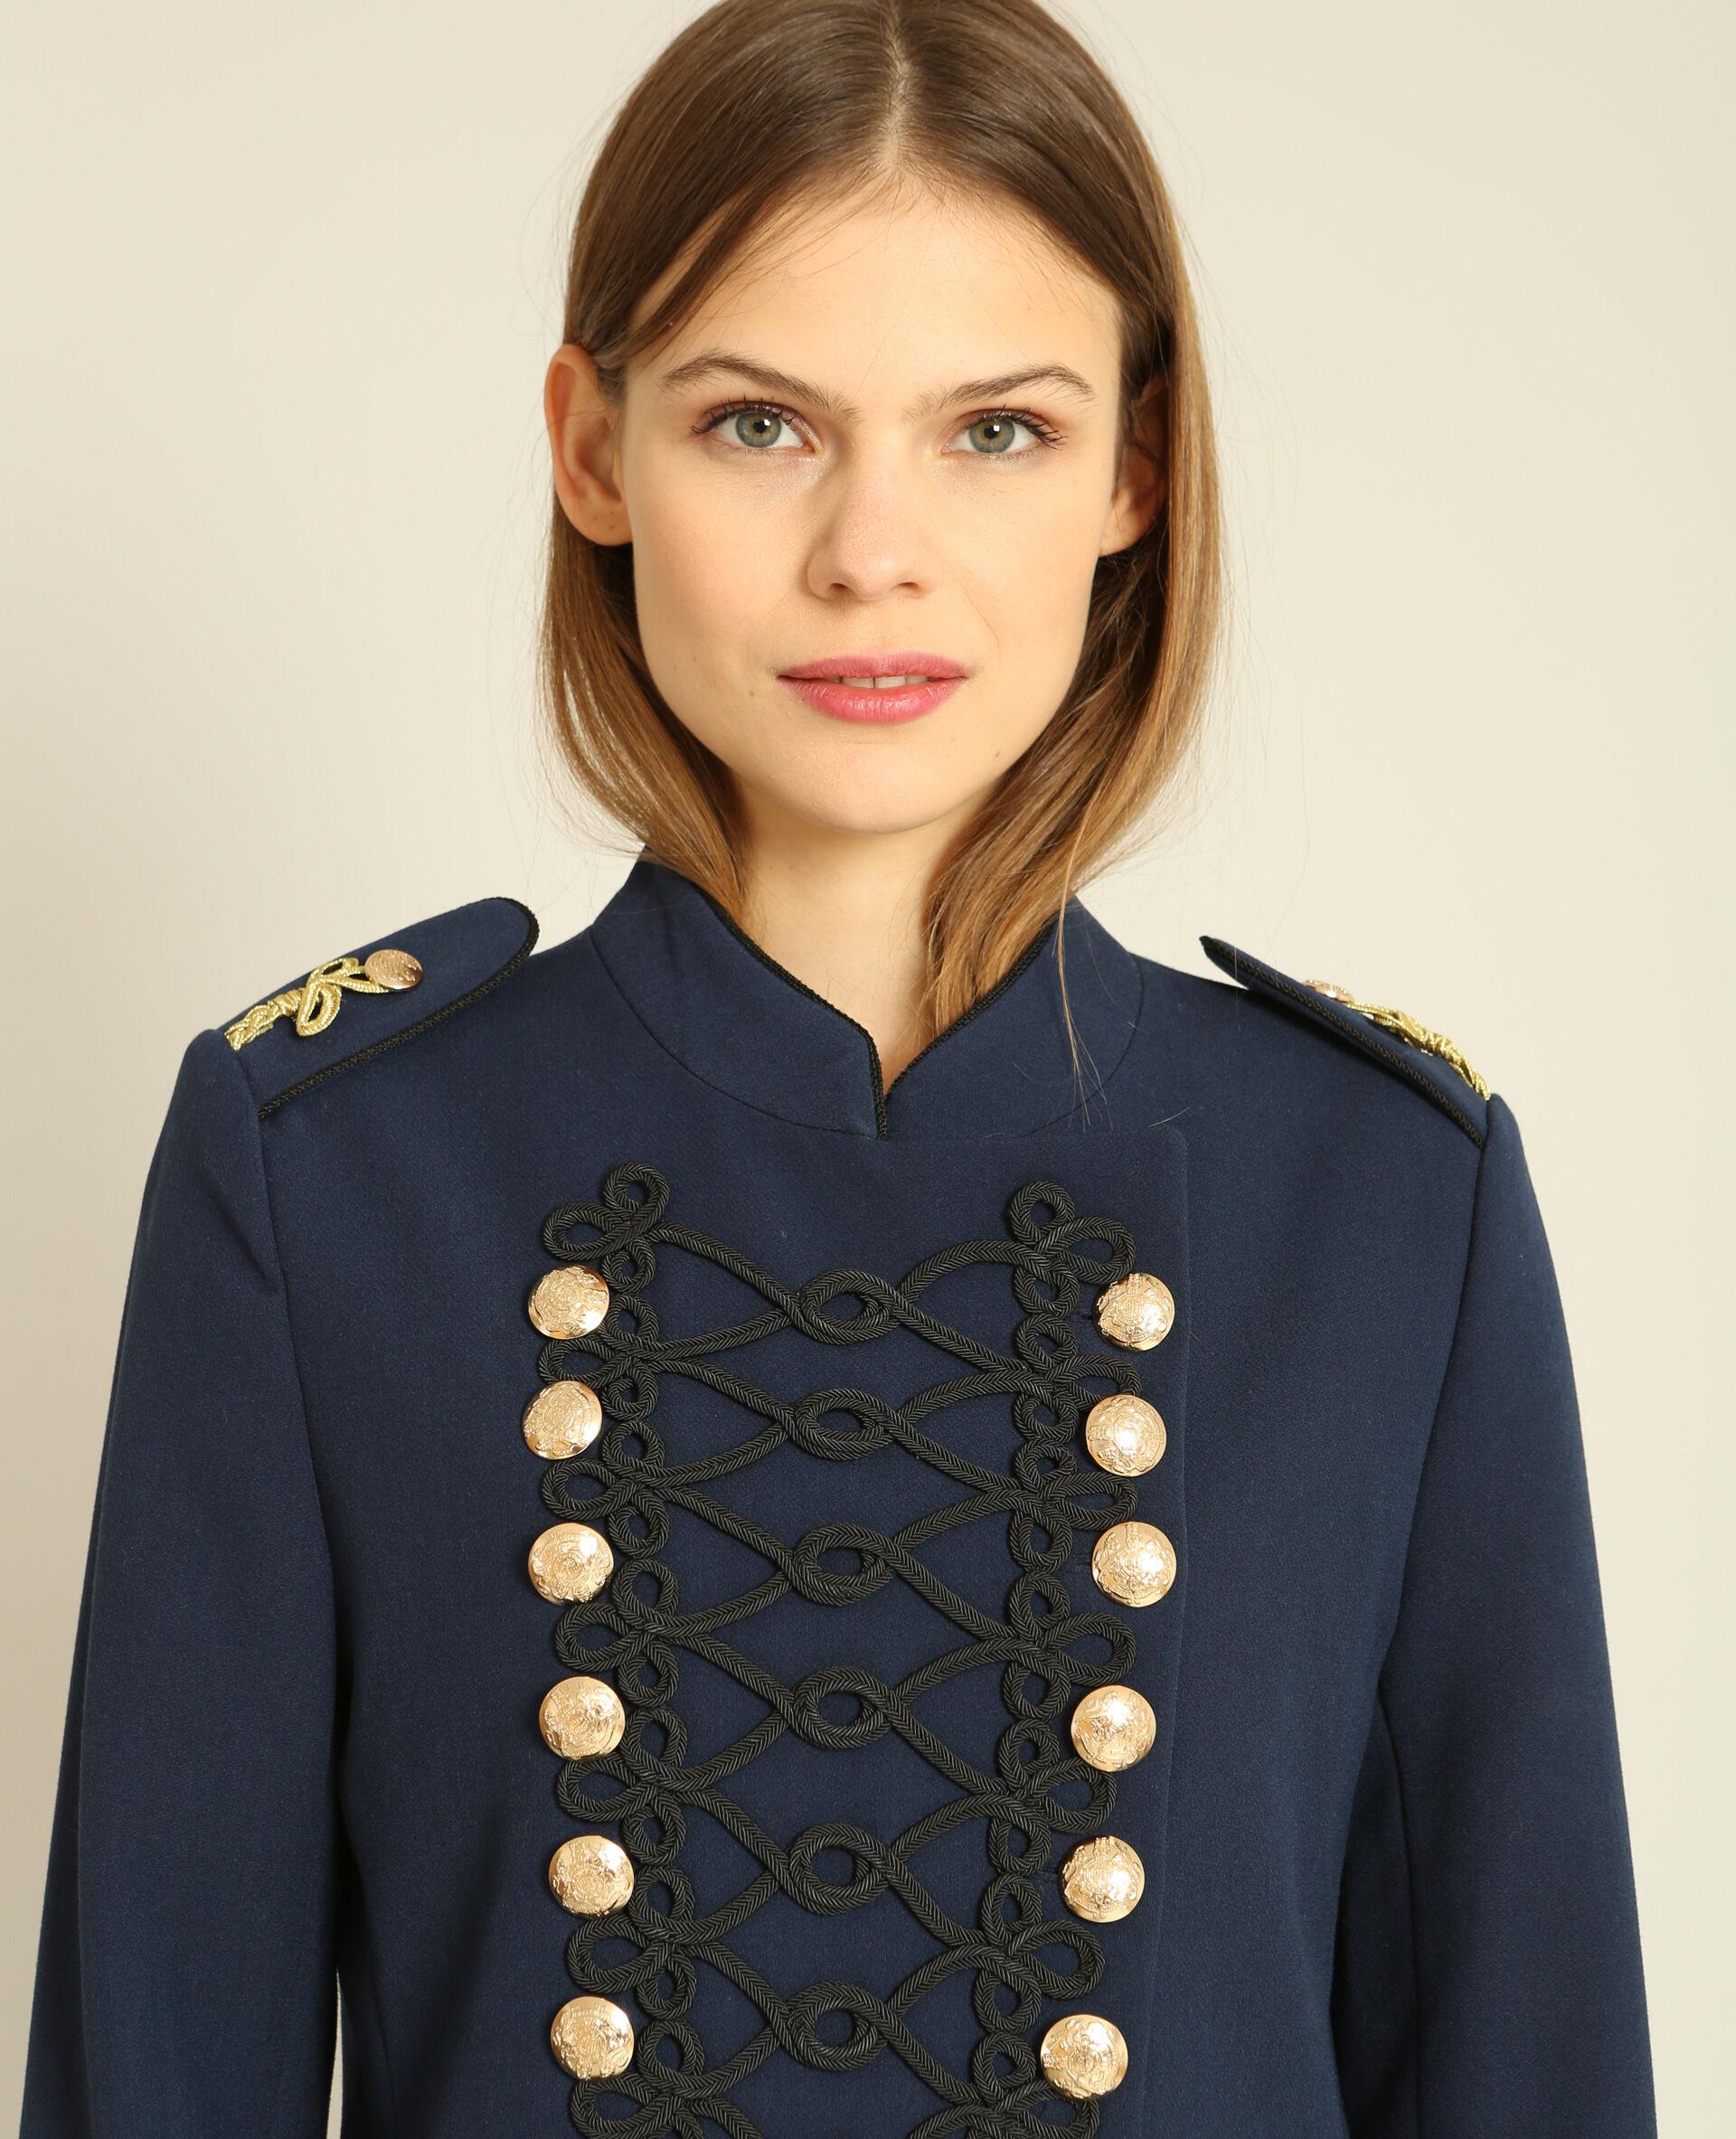 Veste officier femme bleu marine